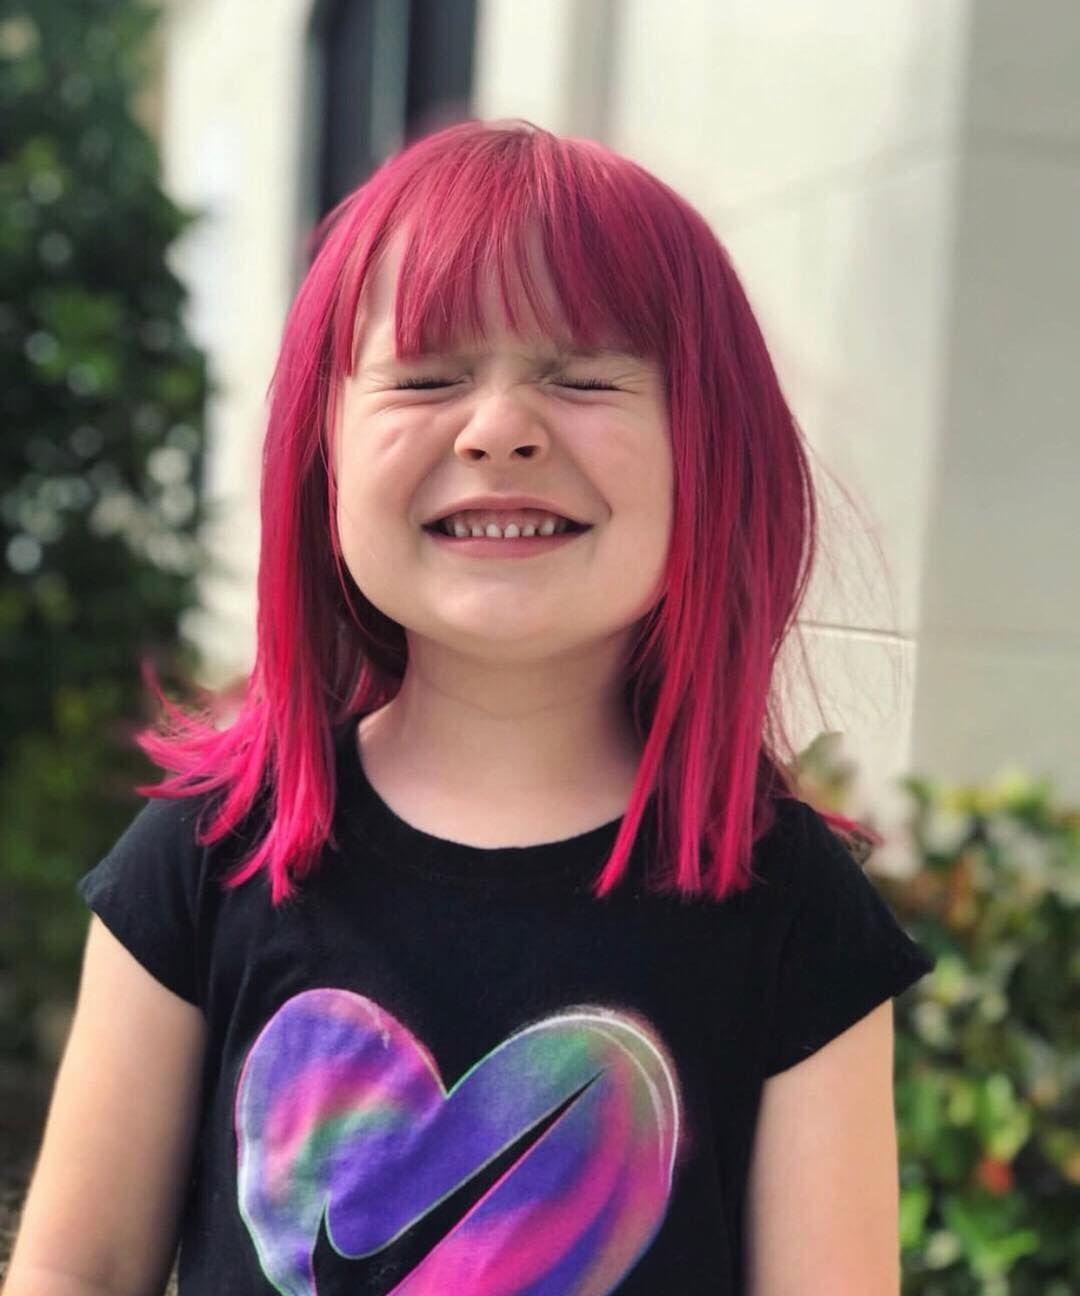 Child With Cool Dark Pink Or Purple Hair Fox Hair Dye Kids Hair Color Arctic Fox Hair Dye